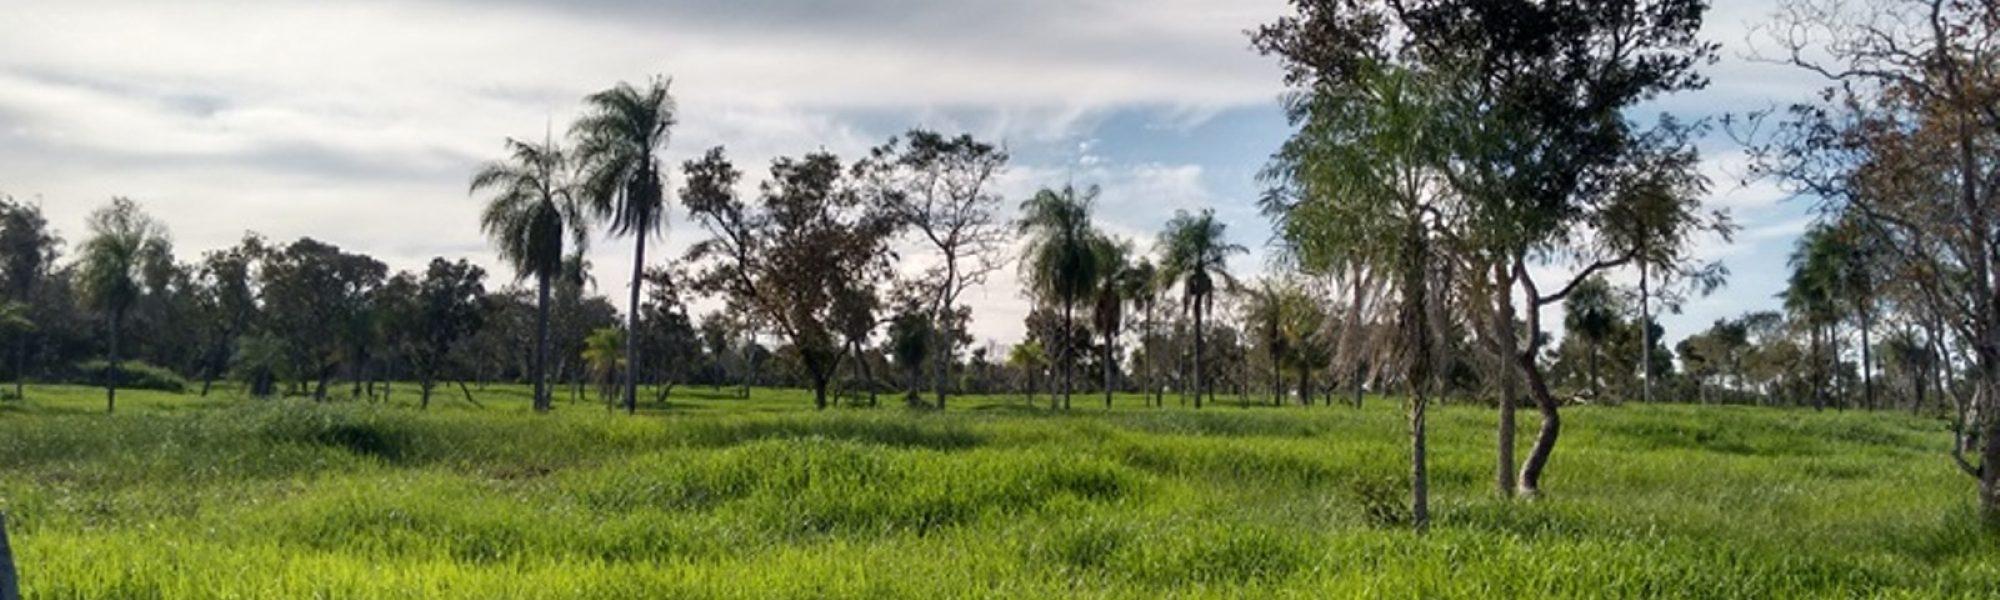 Fazenda em Bonito MS com 1.400 hectares